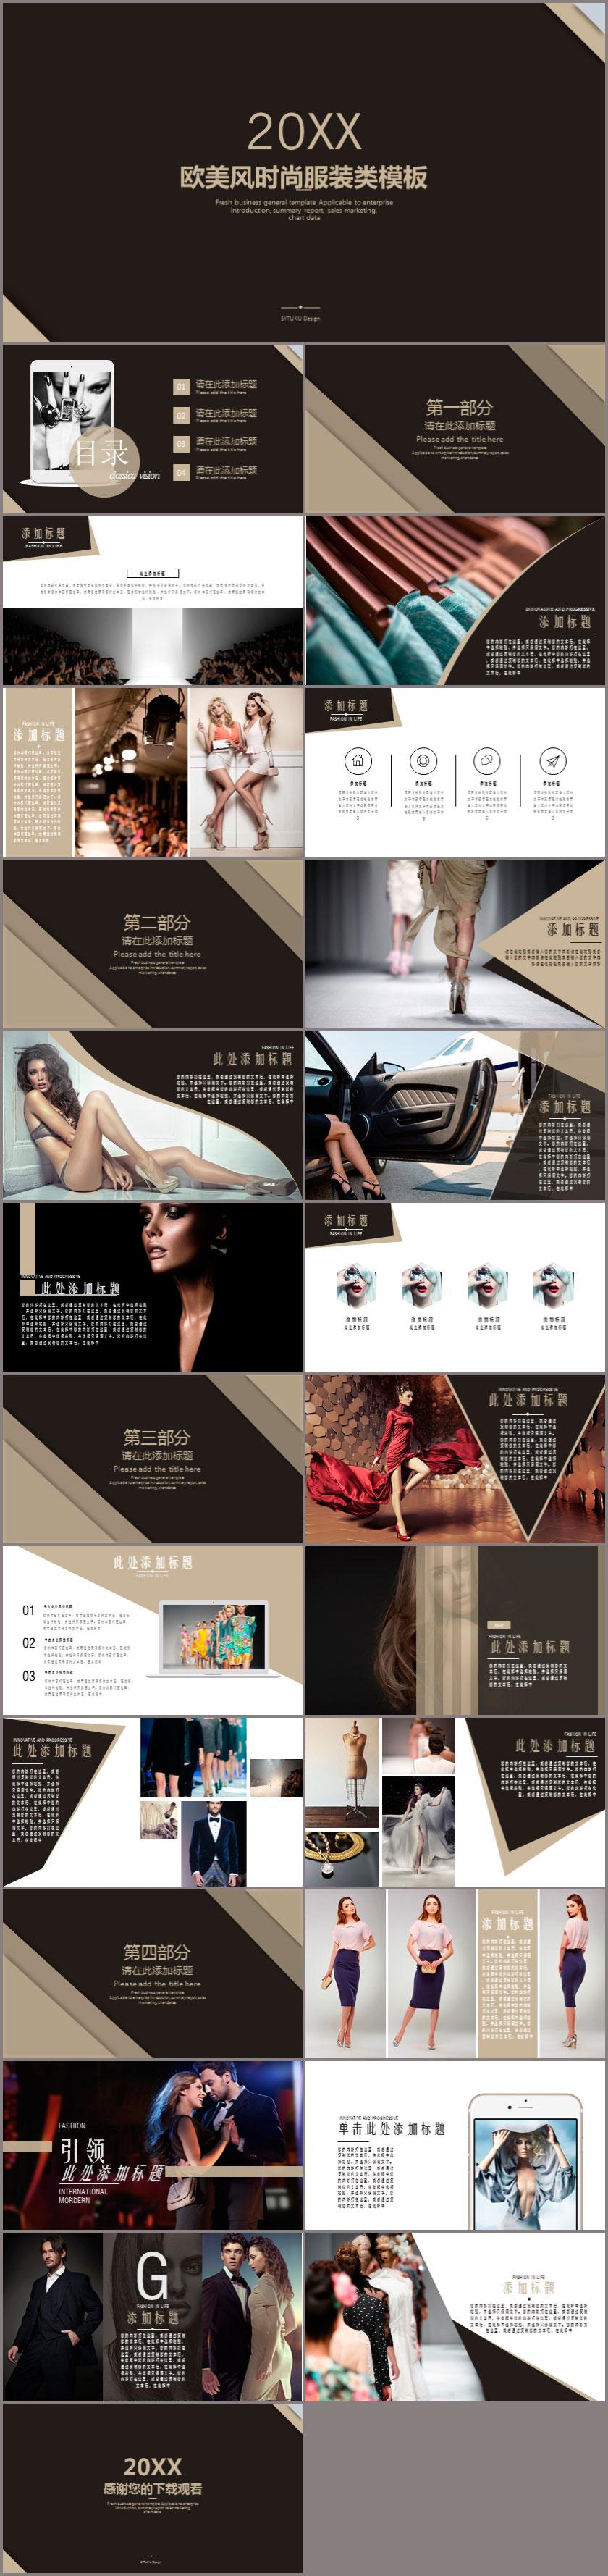 欧美风格时尚服装类营销策划PPT模板